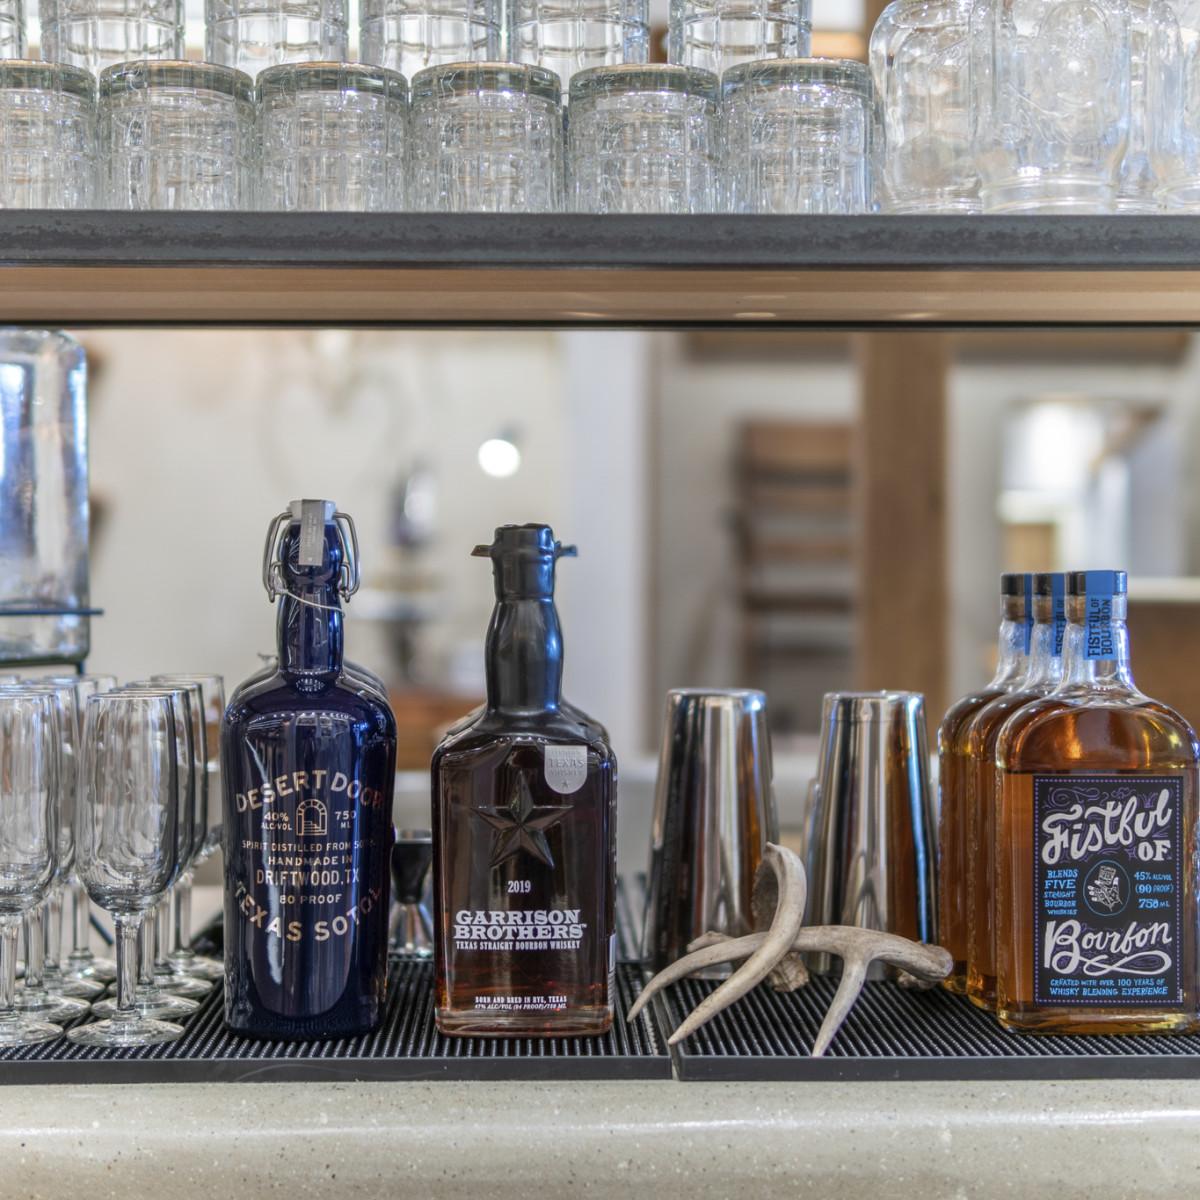 Tecovas San Antonio complimentary beverages